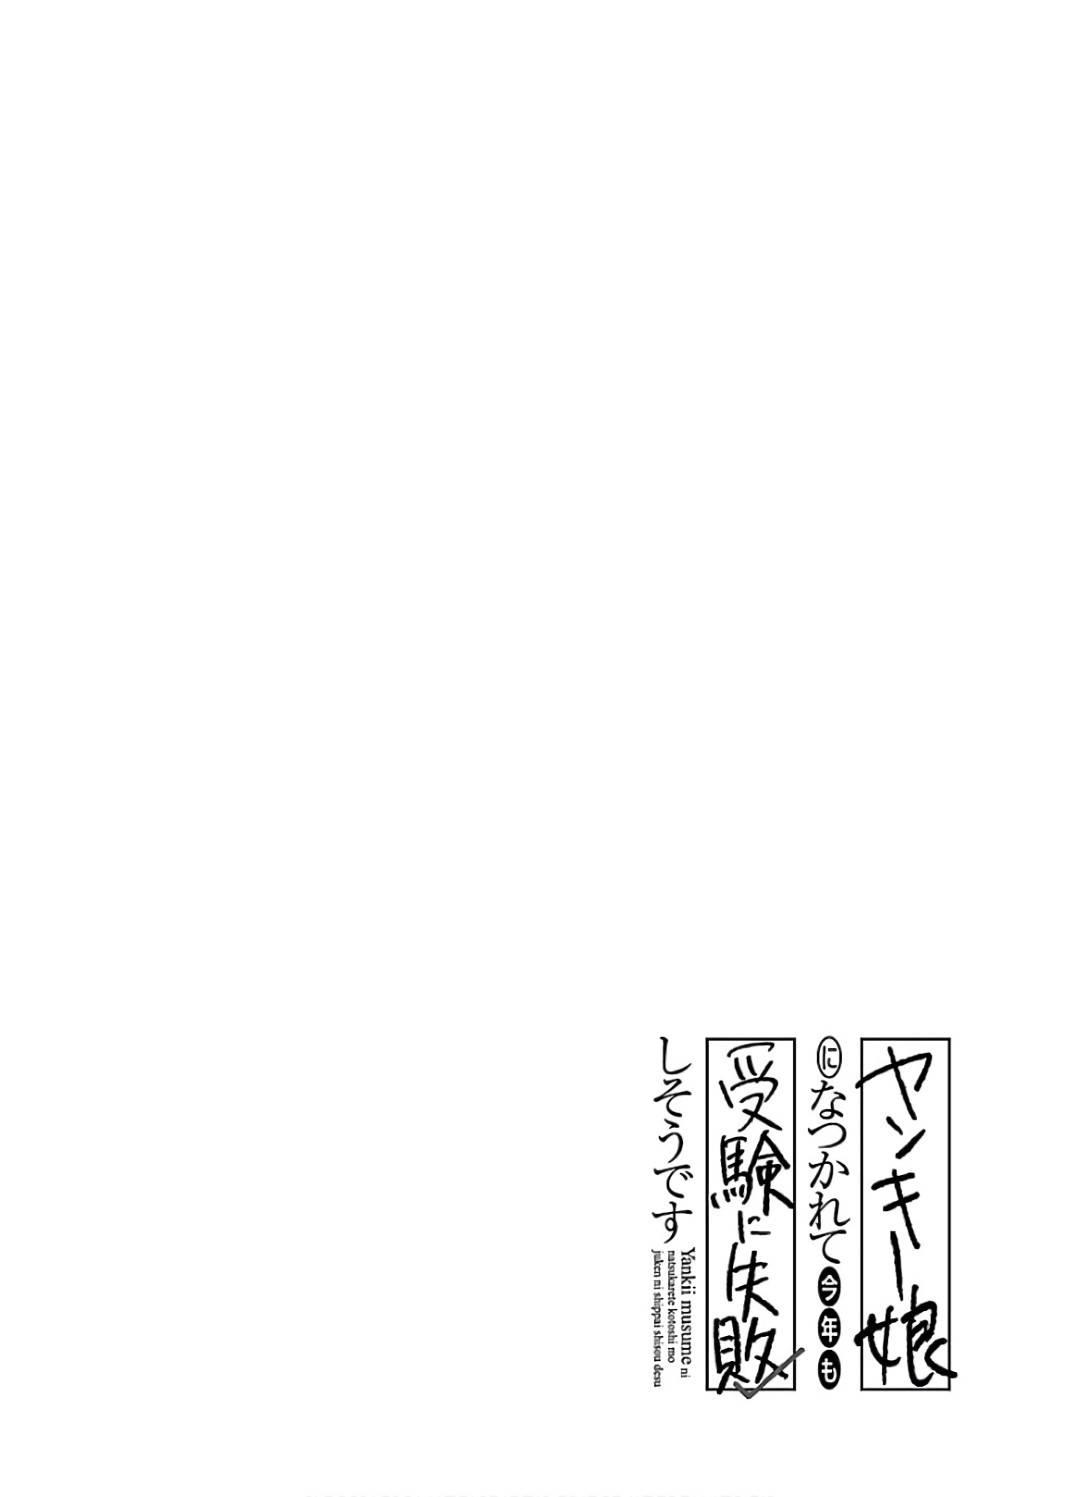 【エロ漫画】見知らぬヤンキー少女に原チャで土手に連れて行かれた浪人生…土手で立ちバックで生ハメ青姦して中出し!【ジェームスほたて/ヤンキー娘になつかれて今年も受験失敗しそうです Lesson2】